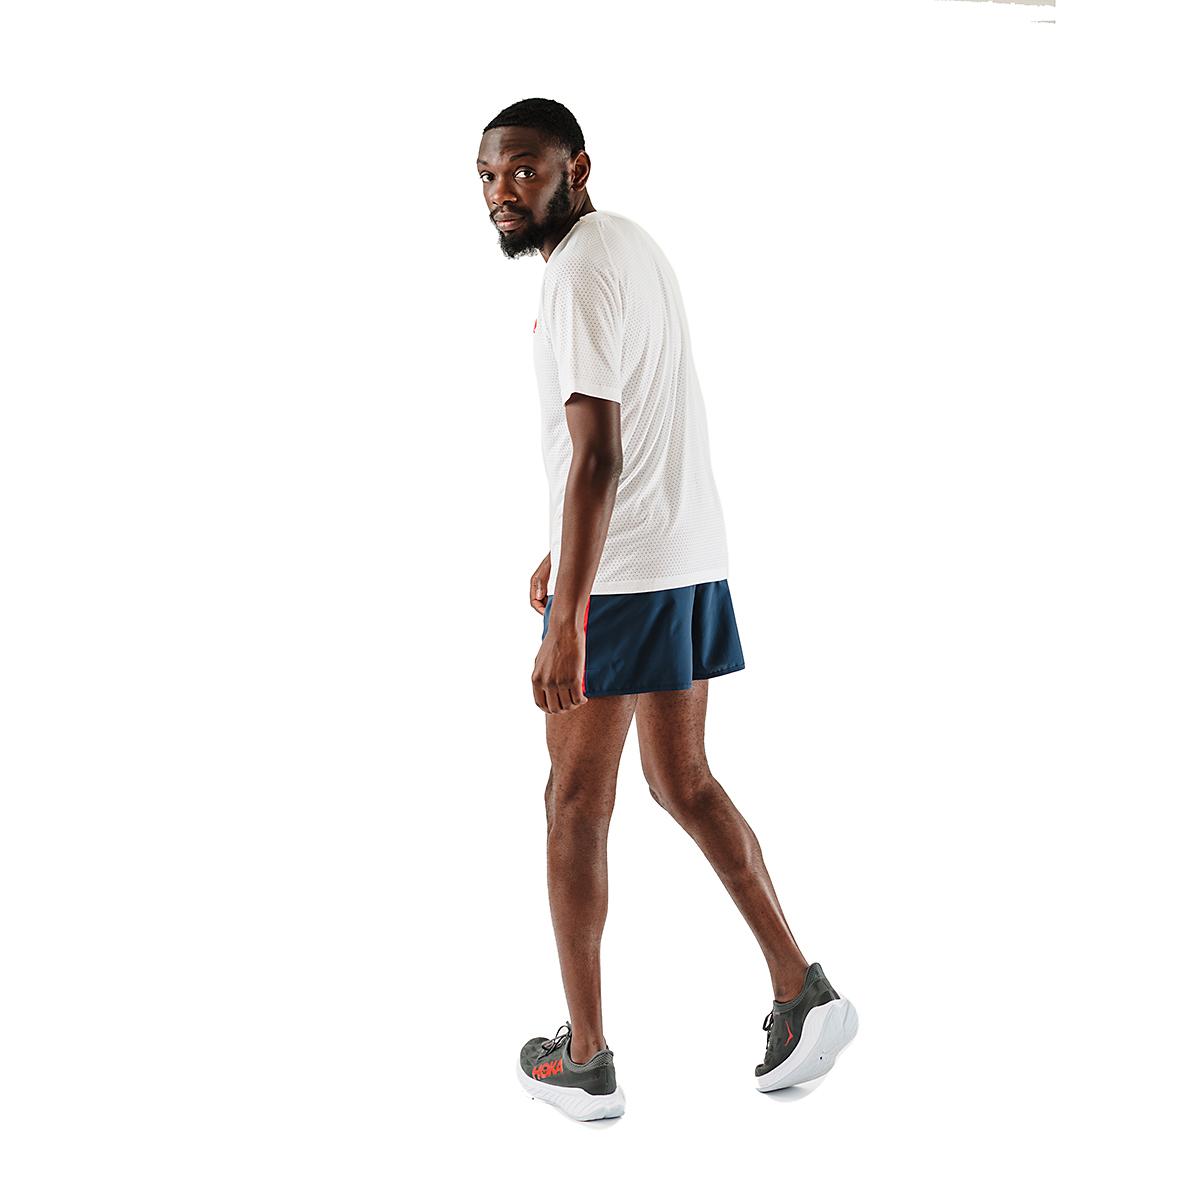 Men's Rabbit EZ Tee Perf Short Sleeve - JackRabbit Exclusive - Color: White - Size: S, White, large, image 4